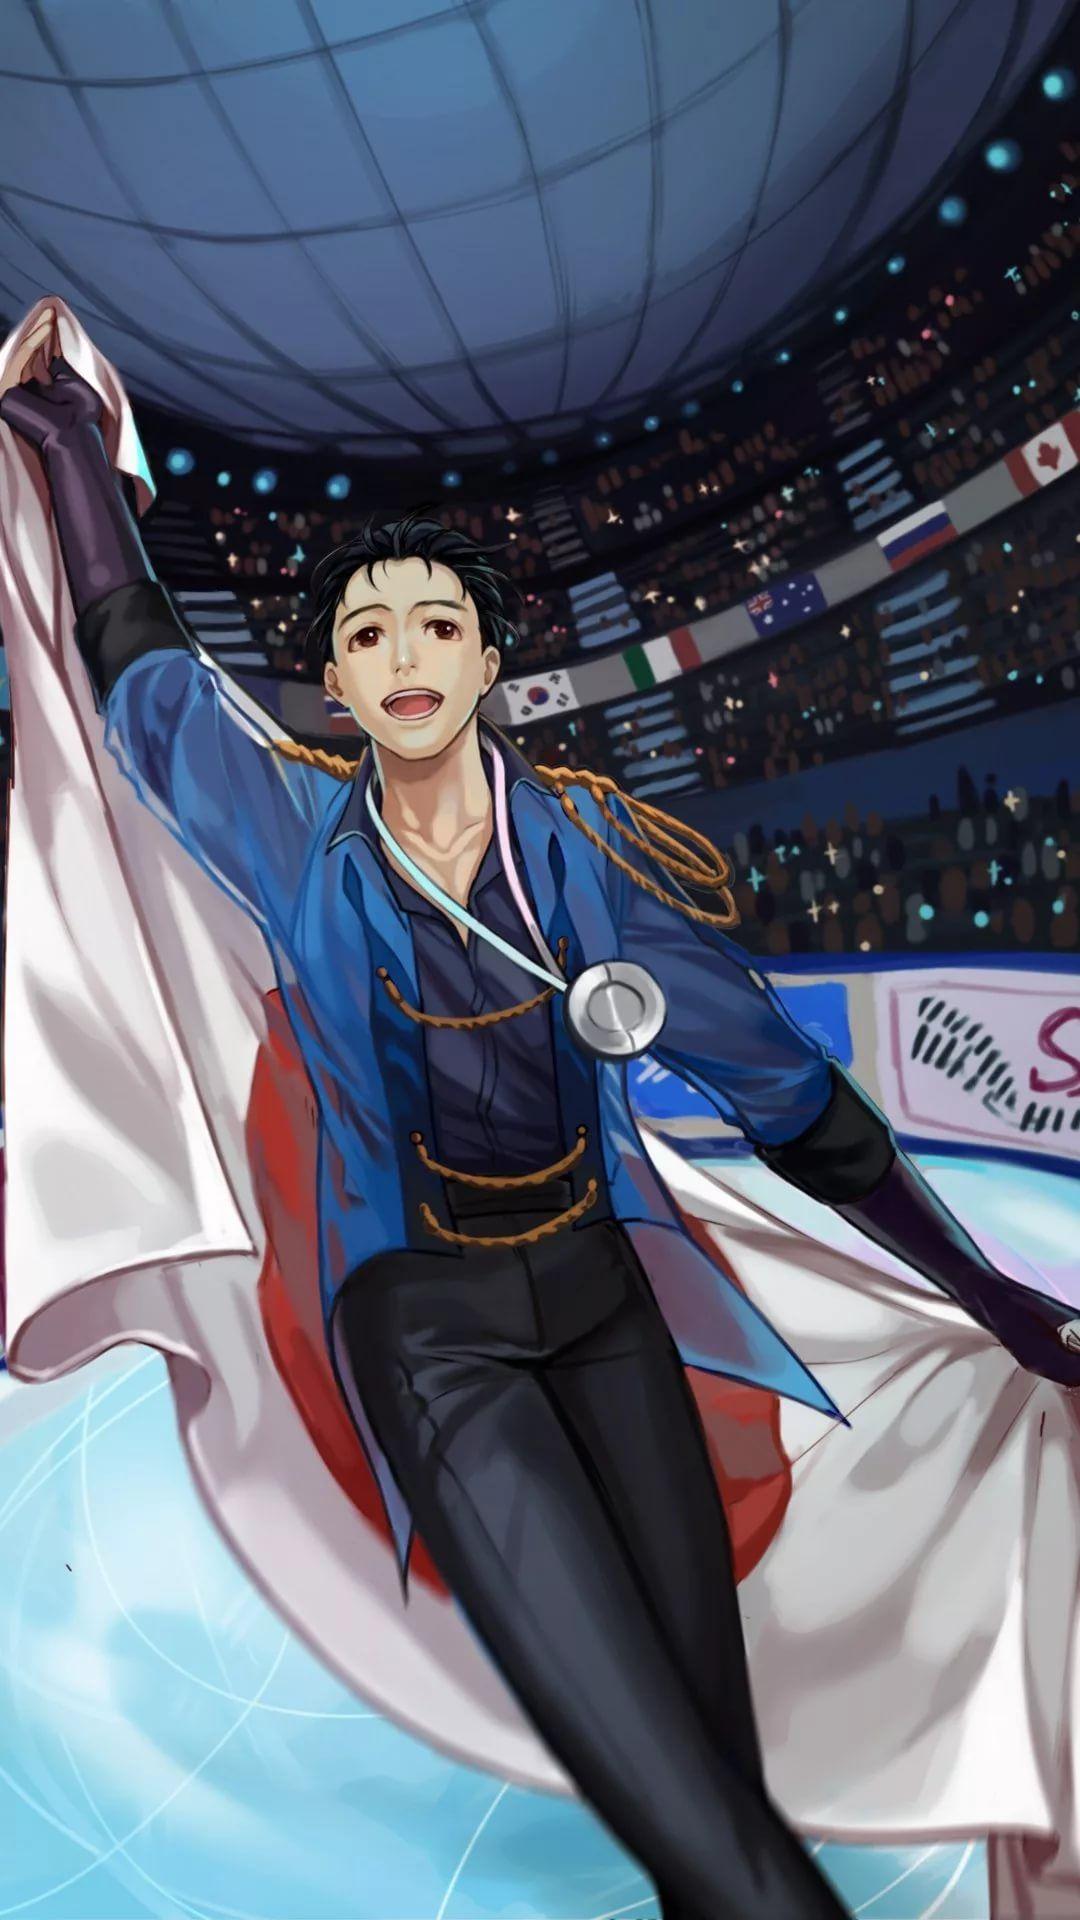 Yuri On Ice iPhone 7 wallpaper